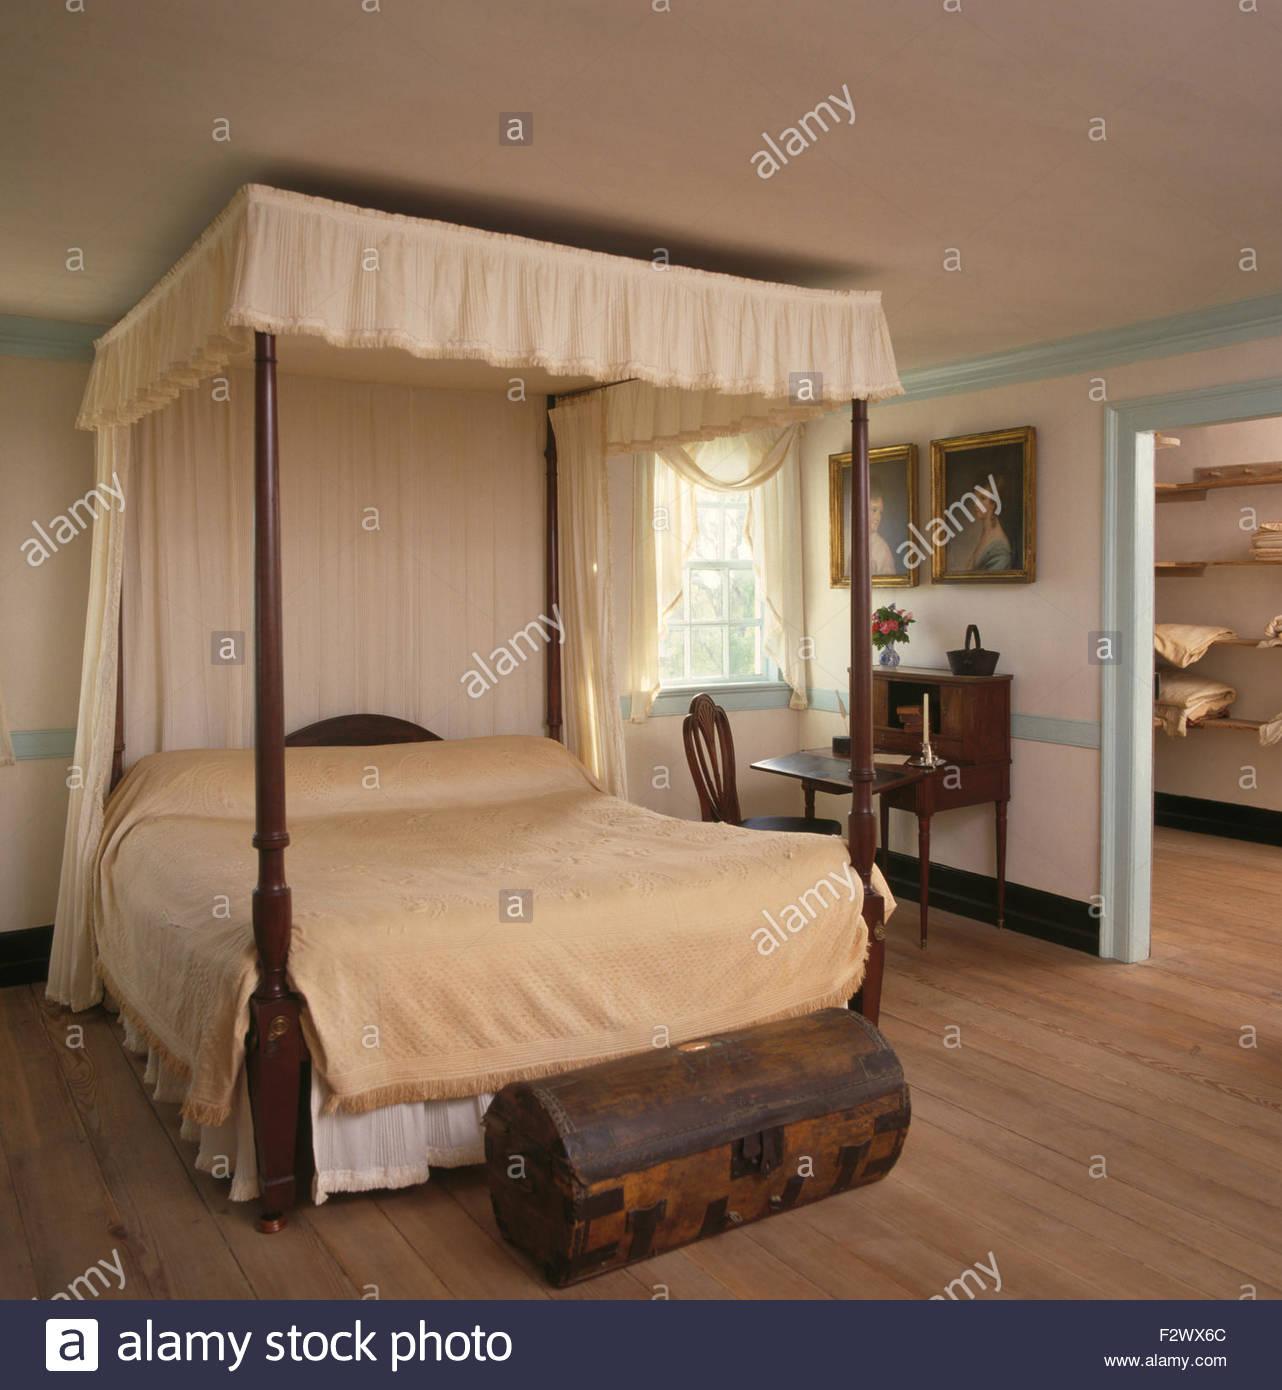 Full Size of Truhe Schlafzimmer Cremefarbene Vorhnge Und Bettwsche Auf Himmelbett Im Land Günstige Komplett Schranksysteme Deckenleuchte Weißes Vorhänge Set Mit Schlafzimmer Truhe Schlafzimmer